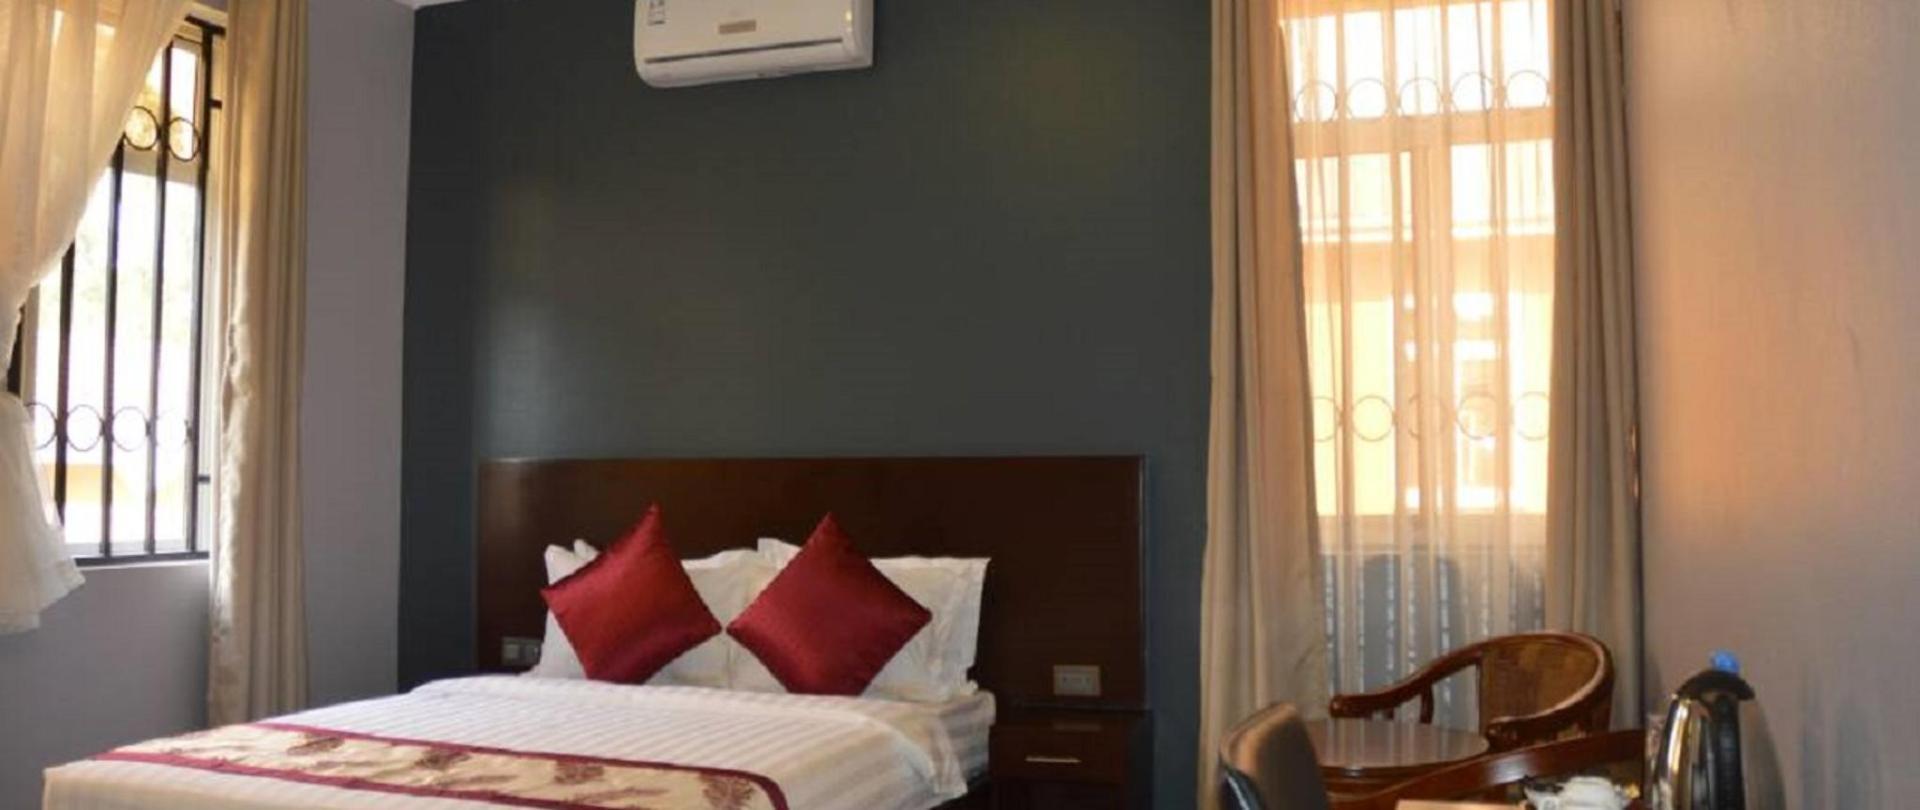 Hotel Desderia